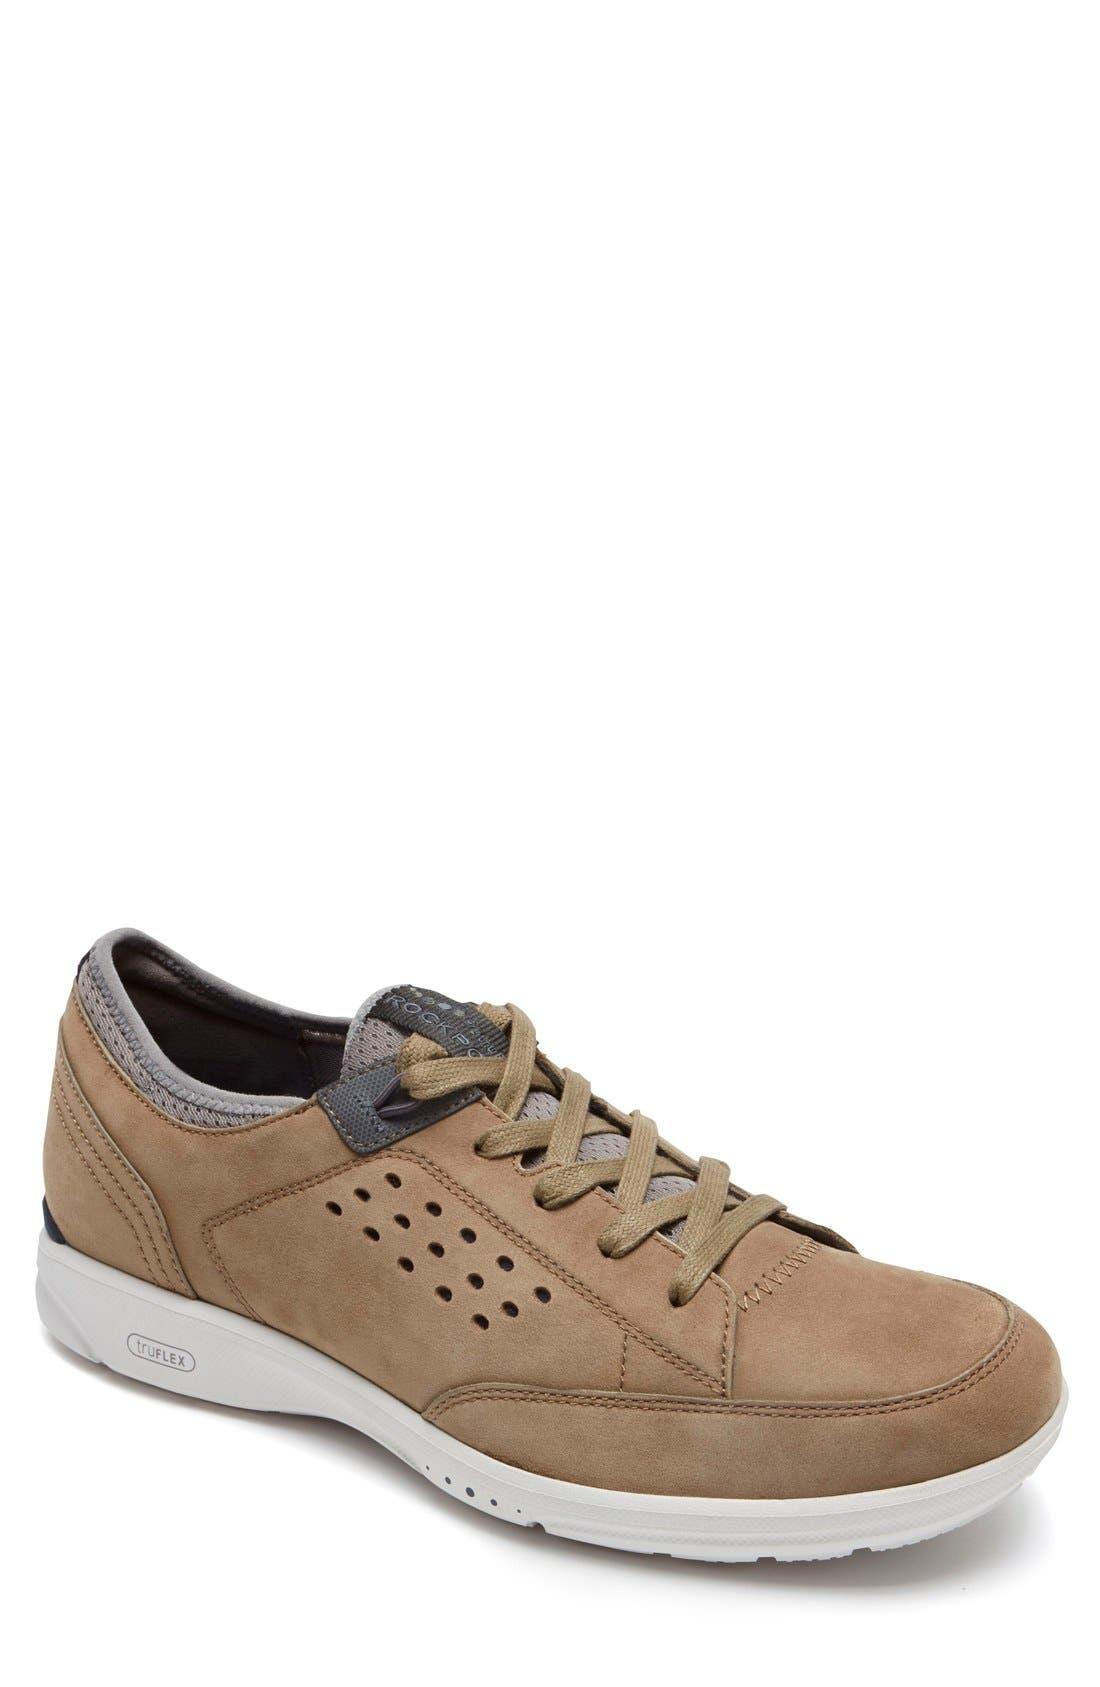 Rockport Truflex Sneaker (Men)